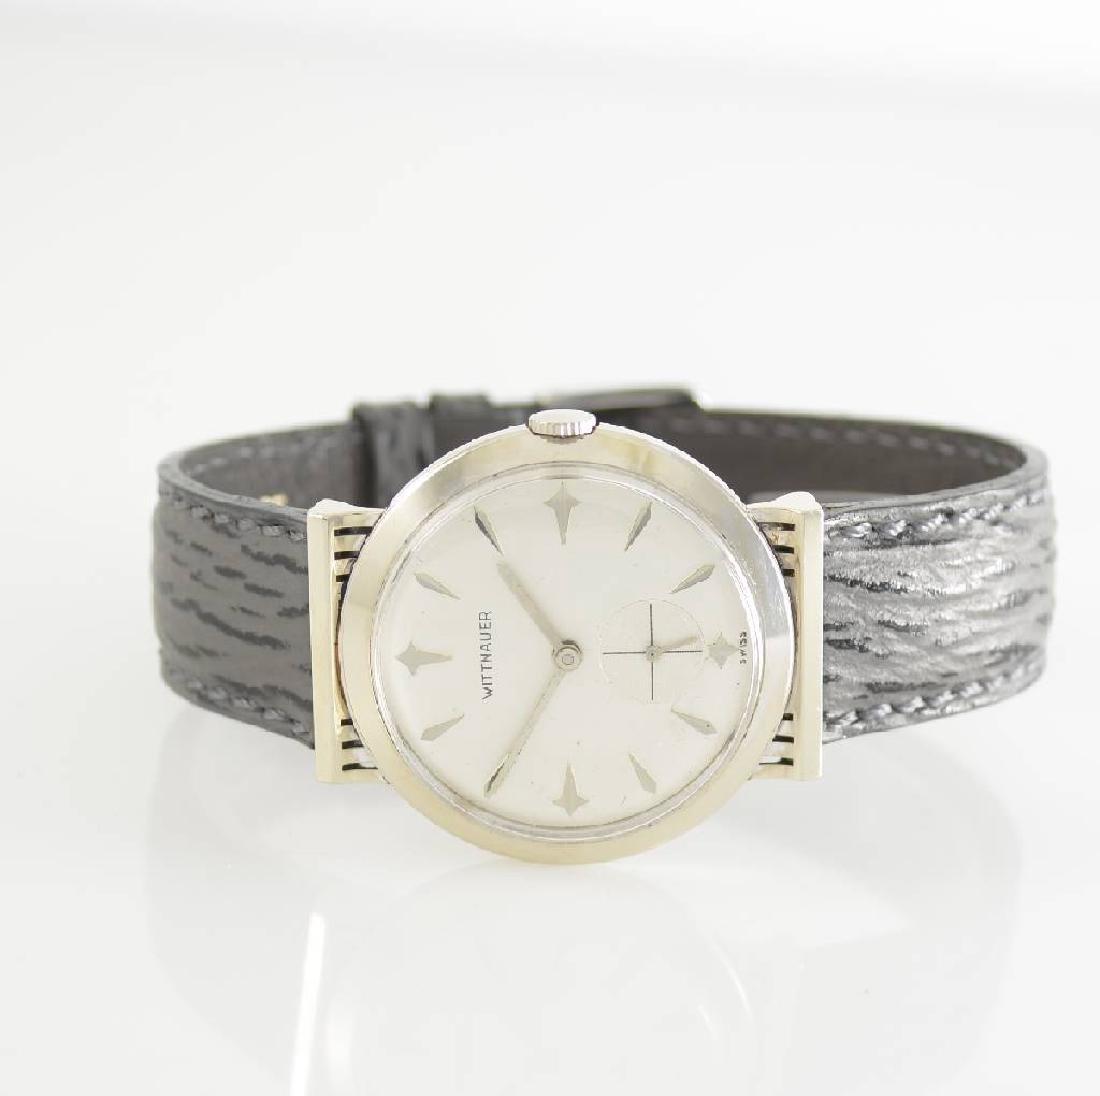 WITTNAUER New York unusual 14k white gold wristwatch